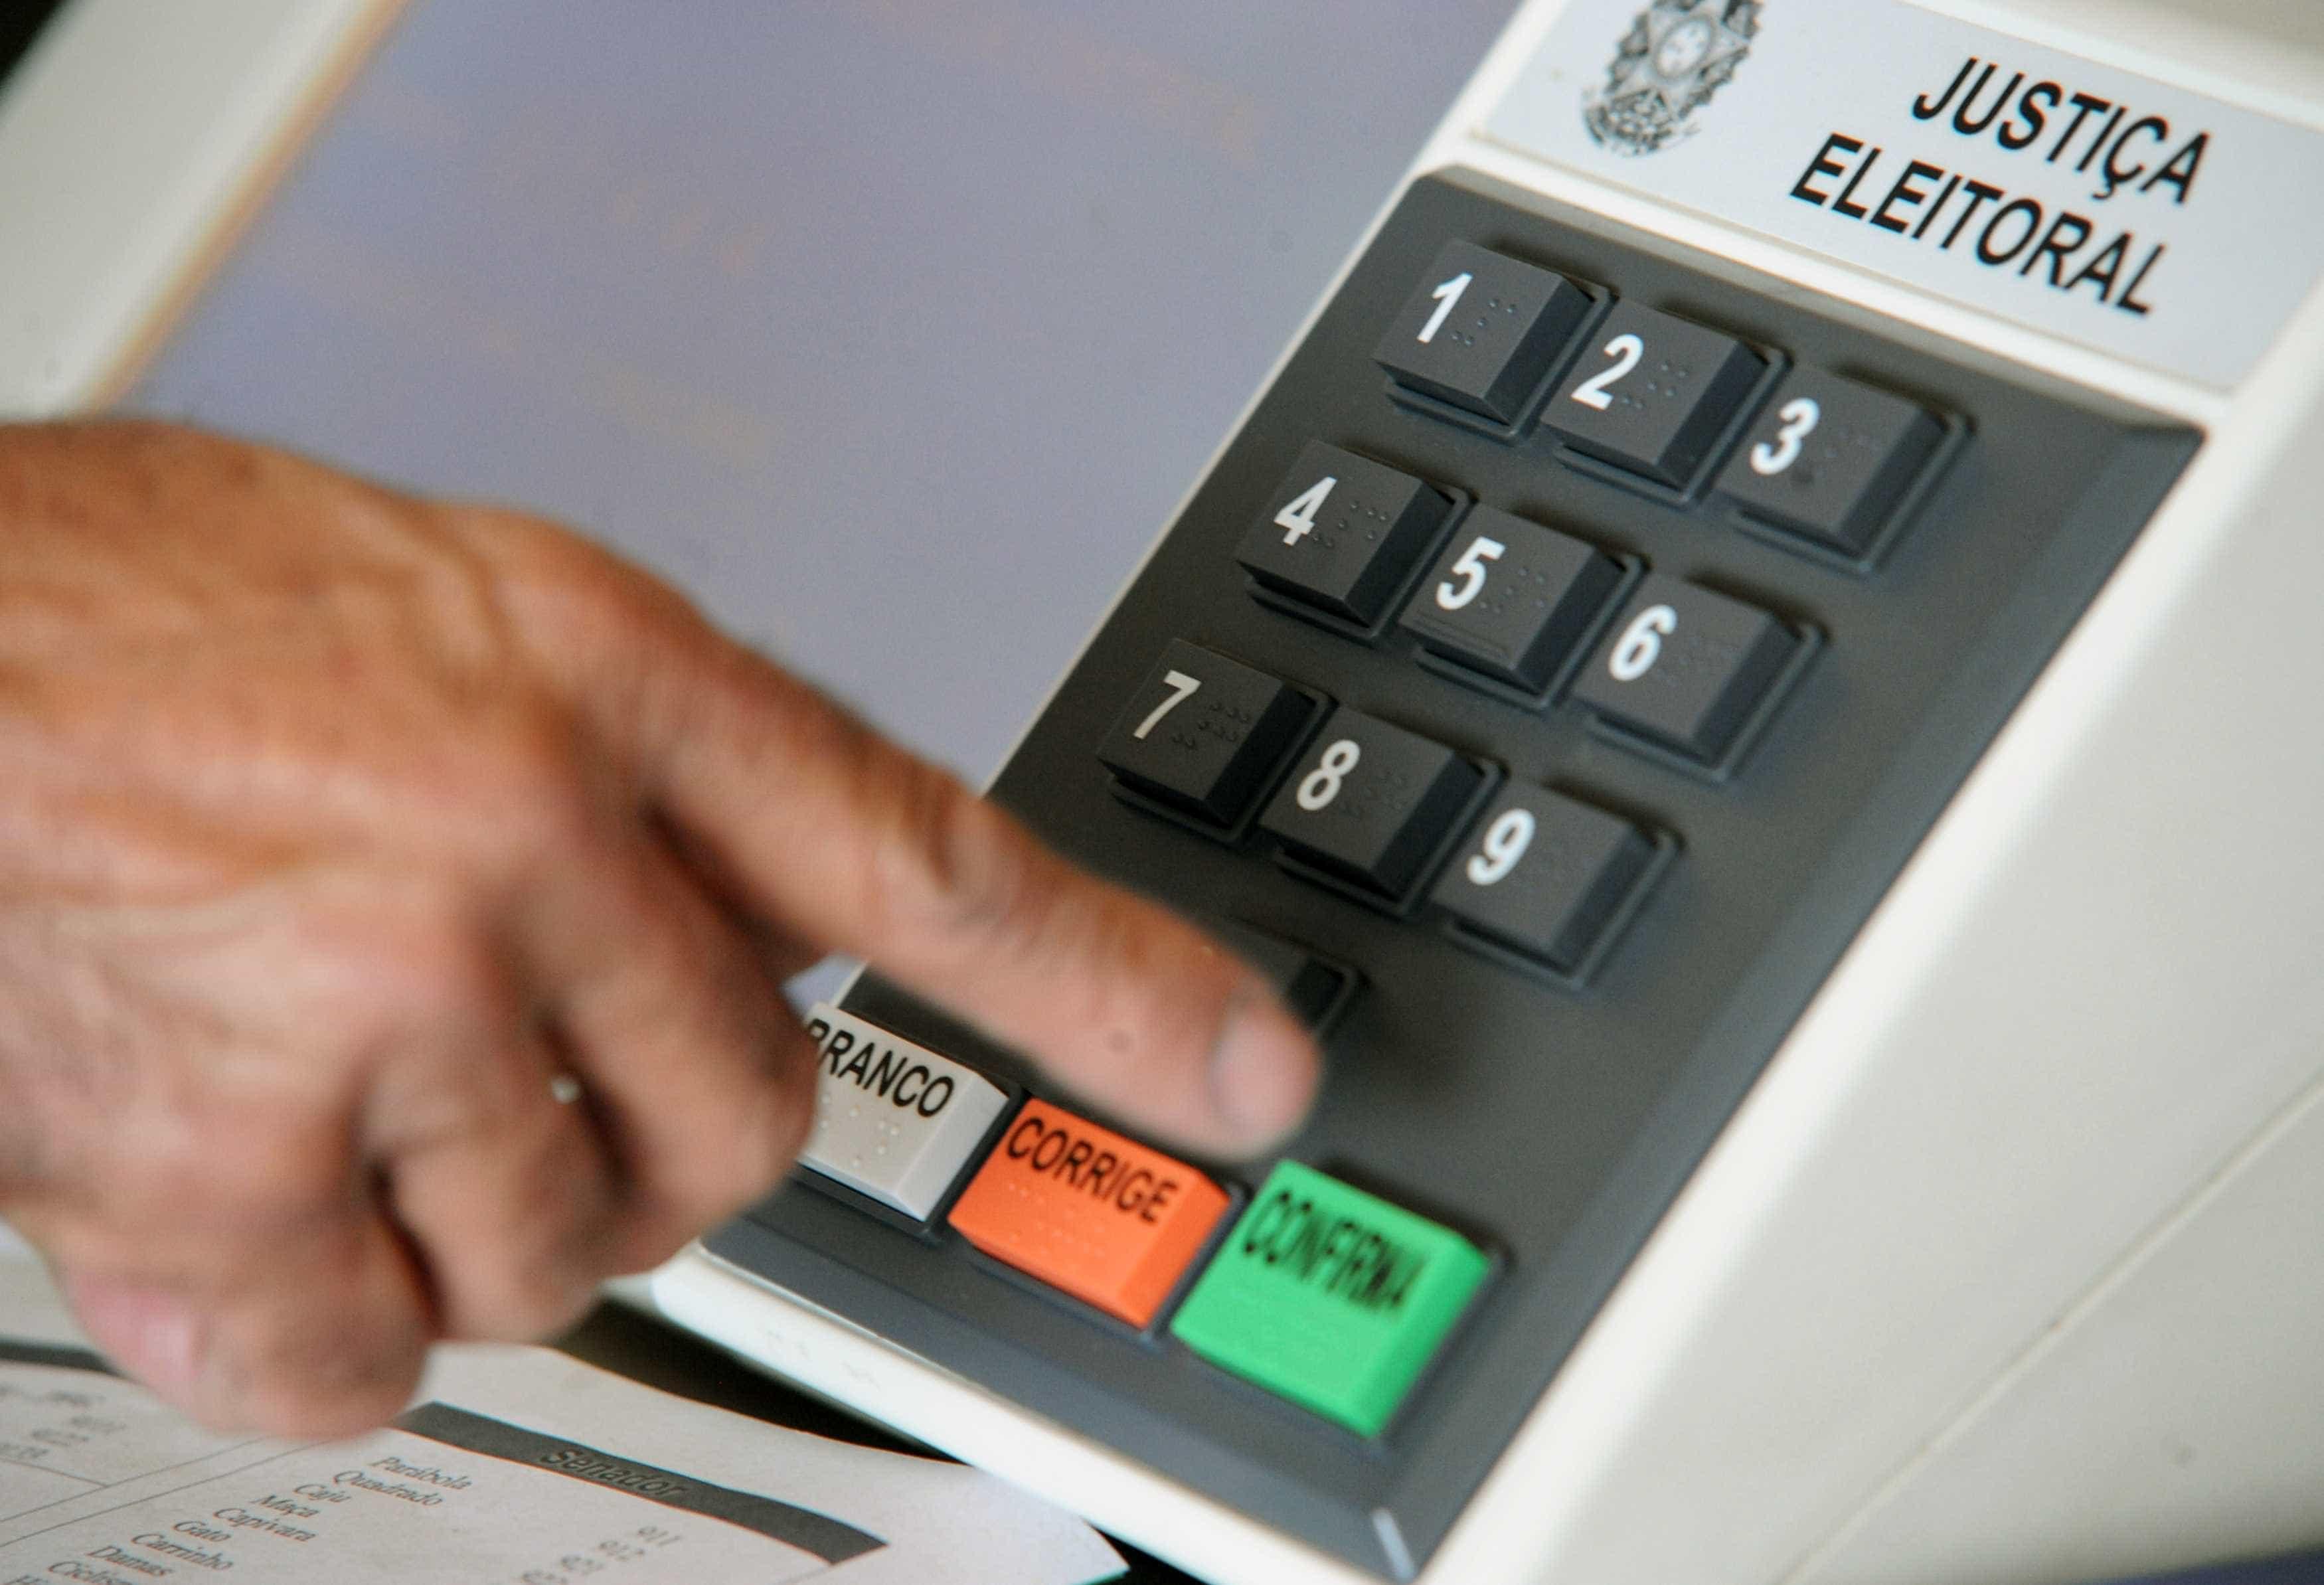 Leitora de Alagoas diz que alguém votou em seu lugar; TRE vai apurar